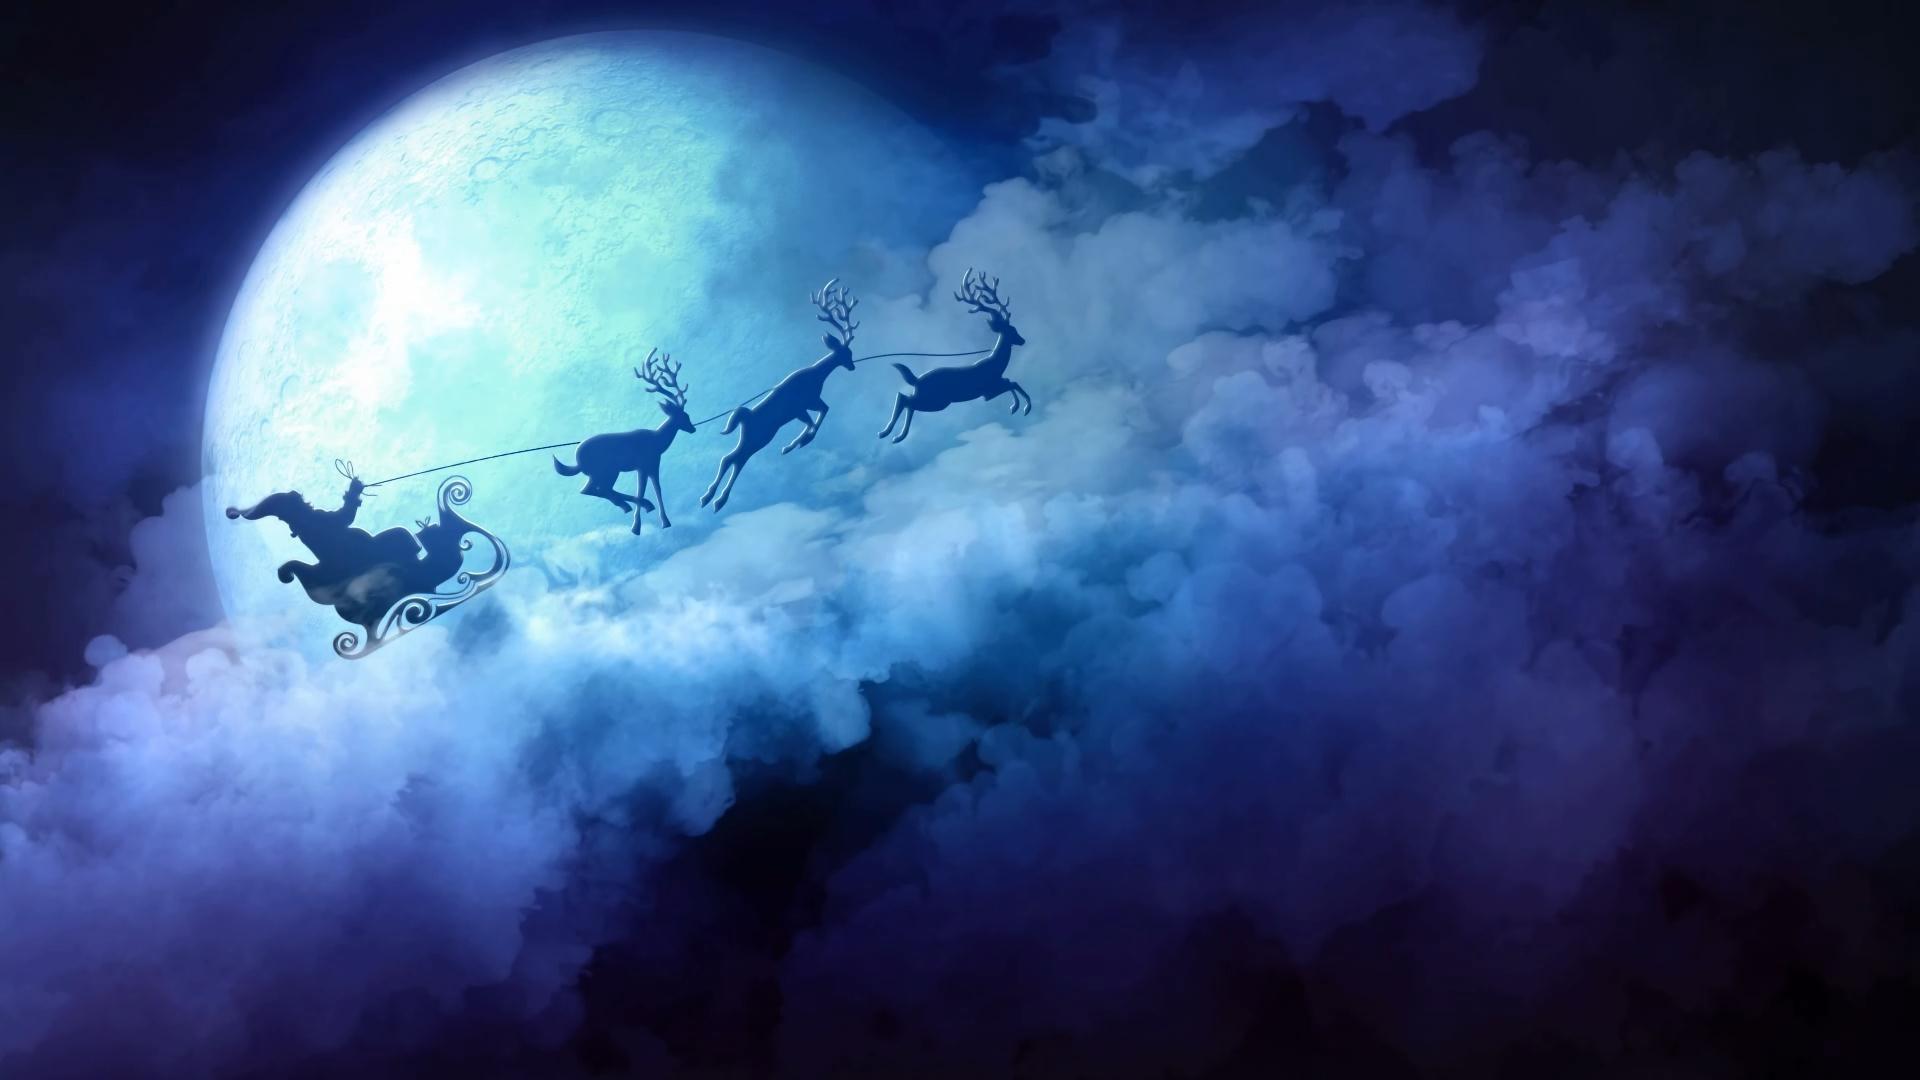 Christmas Wallpapers | Christmas Wallpaper